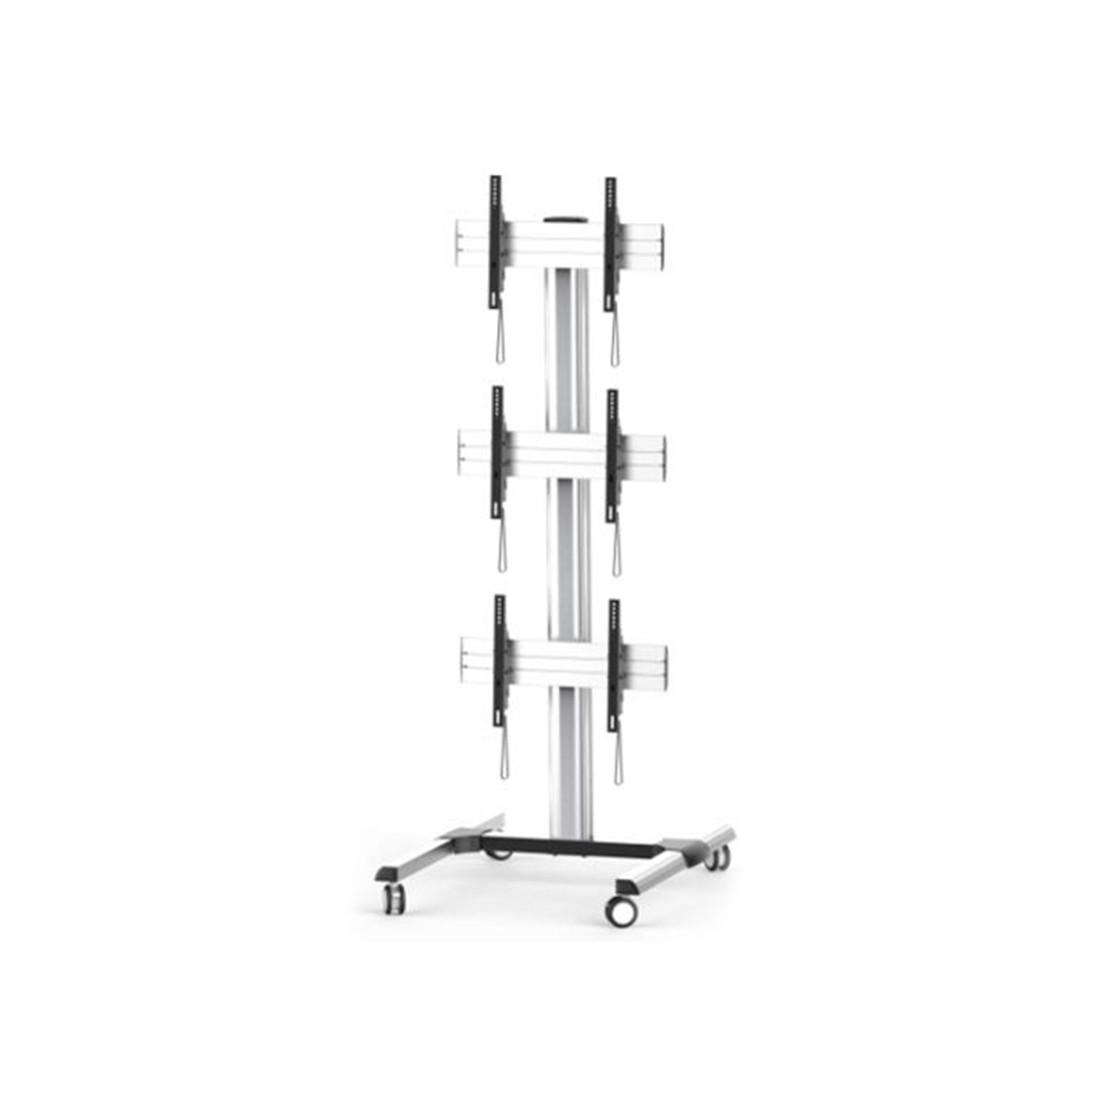 Кронштейн для видеостен, Brateck, LVS01-346FW, Макс. нагрузка - 50 кг (каждая),  Высота 2247 мм., Уг